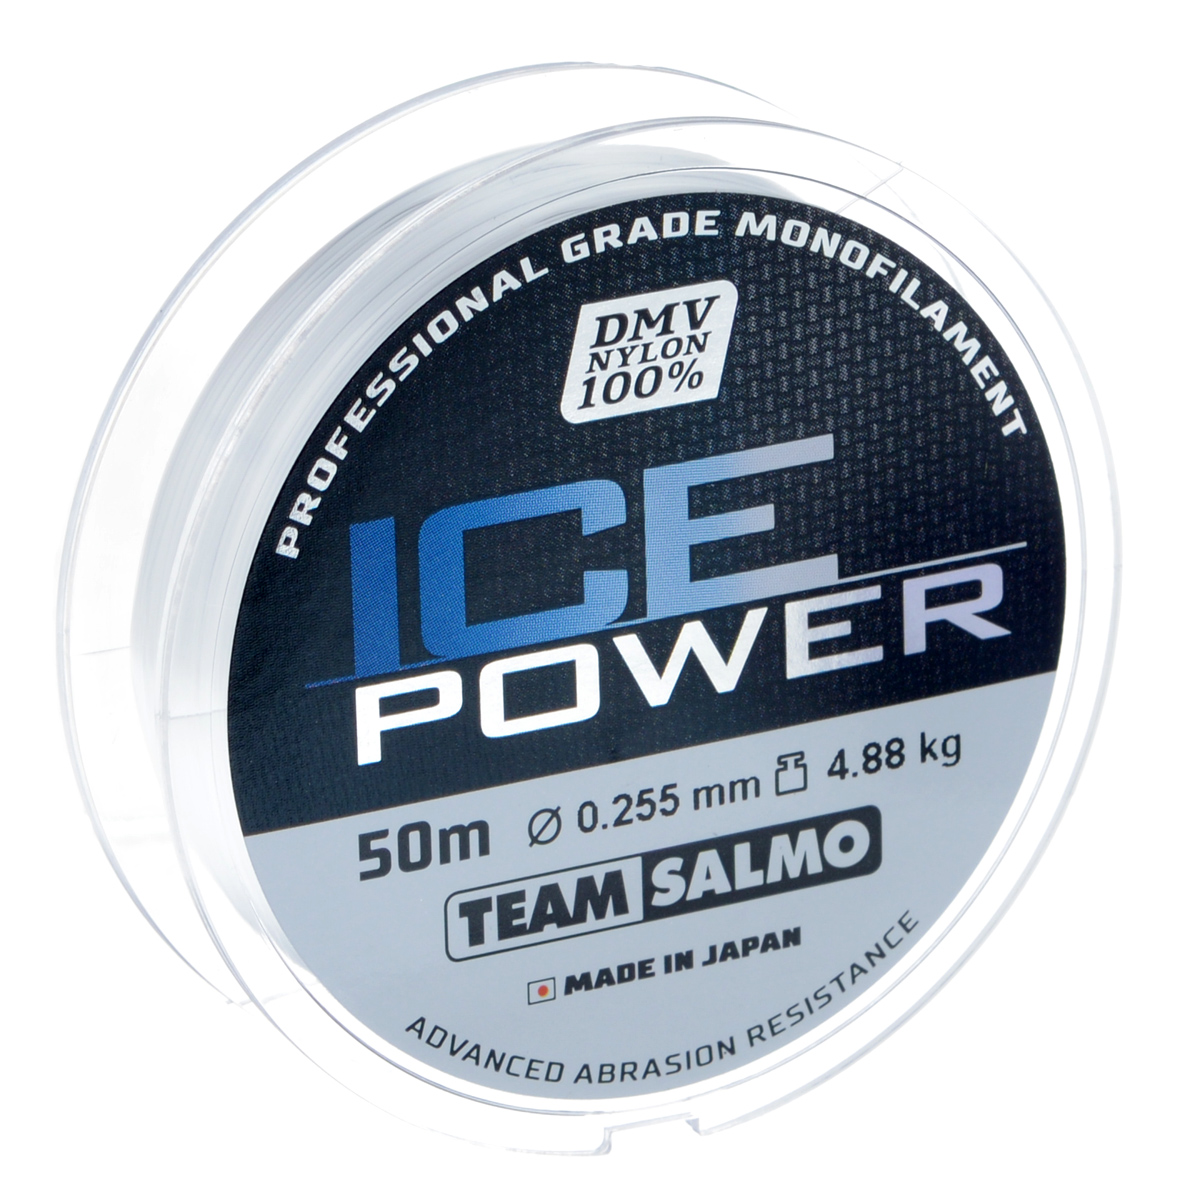 Леска монофильная Team Salmo Ice Power, сечение 0,255 мм, длина 50 мTS4924-025Team Salmo Ice Power - это леска последнего поколения, идеально калиброванная по всей длине, с точностью, определяемой до третьего знака. Материал, из которого изготовлена леска, обладает повышенной абразивной устойчивостью и не взаимодействует с водой, поэтому на морозе не теряет своих физических свойств, что значительно увеличивает срок ее службы. У лески отсутствует память, поэтому в процессе эксплуатации она не деформируется. Низкий коэффициент растяжимости делает леску максимально чувствительной, при этом она практически незаметна для рыбы. Леска производится использованием самого высококачественного сырья и новейших технологий.